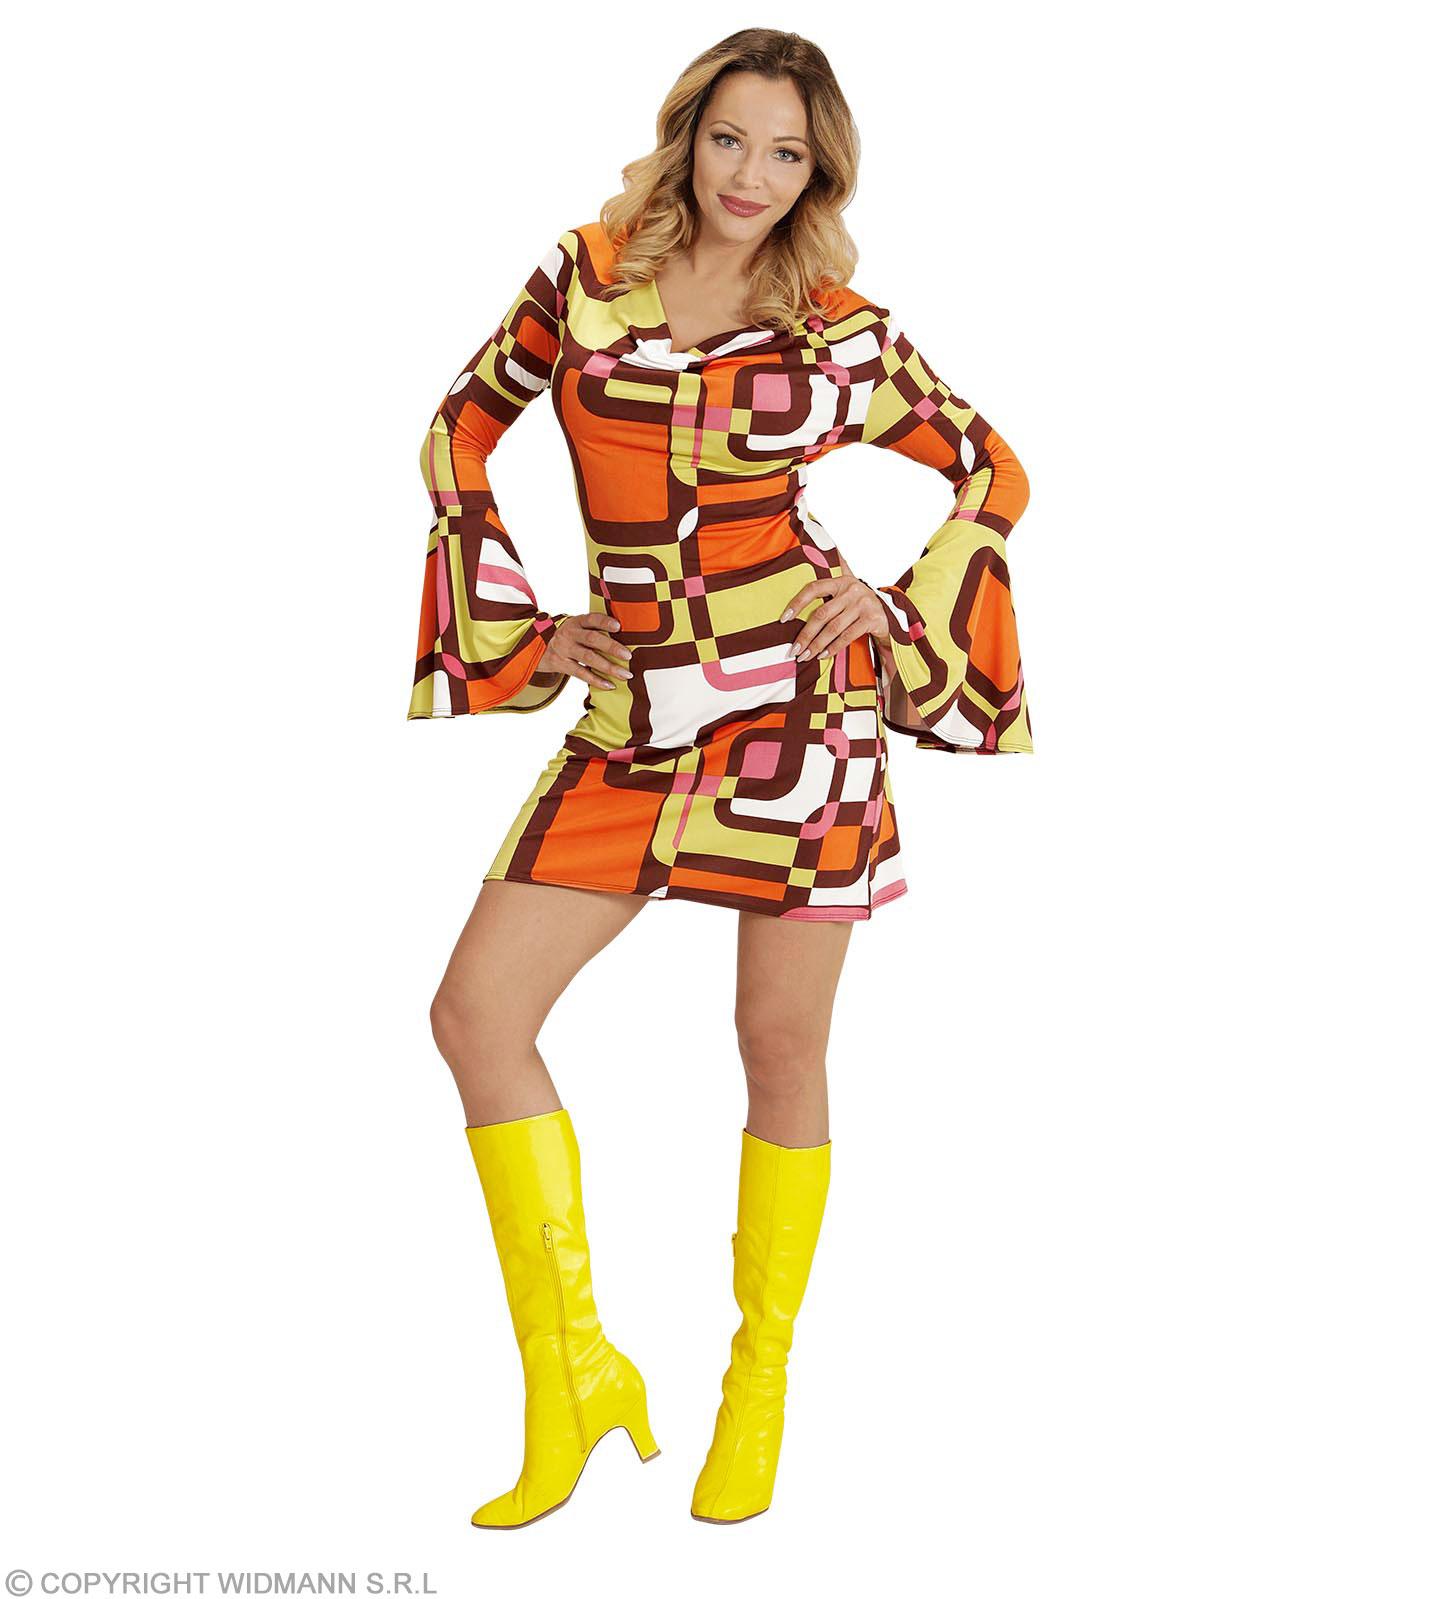 hoch gelobt 100% hohe Qualität Entdecken Sie die neuesten Trends Groovy 70er Jahre Kleid mit Trompetenärmel Größe XXL - Minikleid Hippie  Schlager